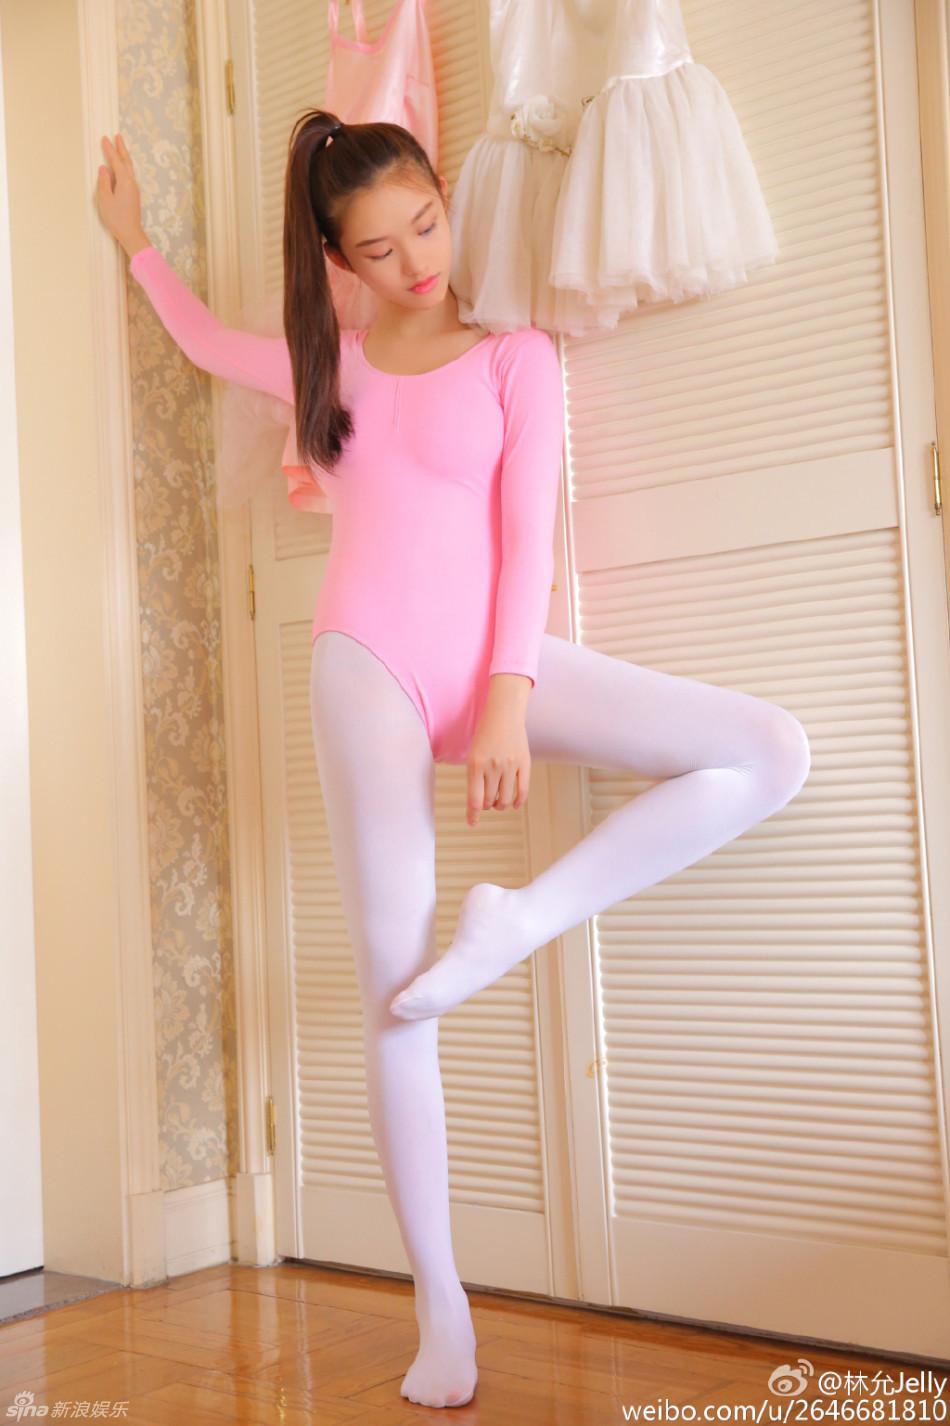 粉红色的少女!林允穿舞蹈服白丝袜水灵灵